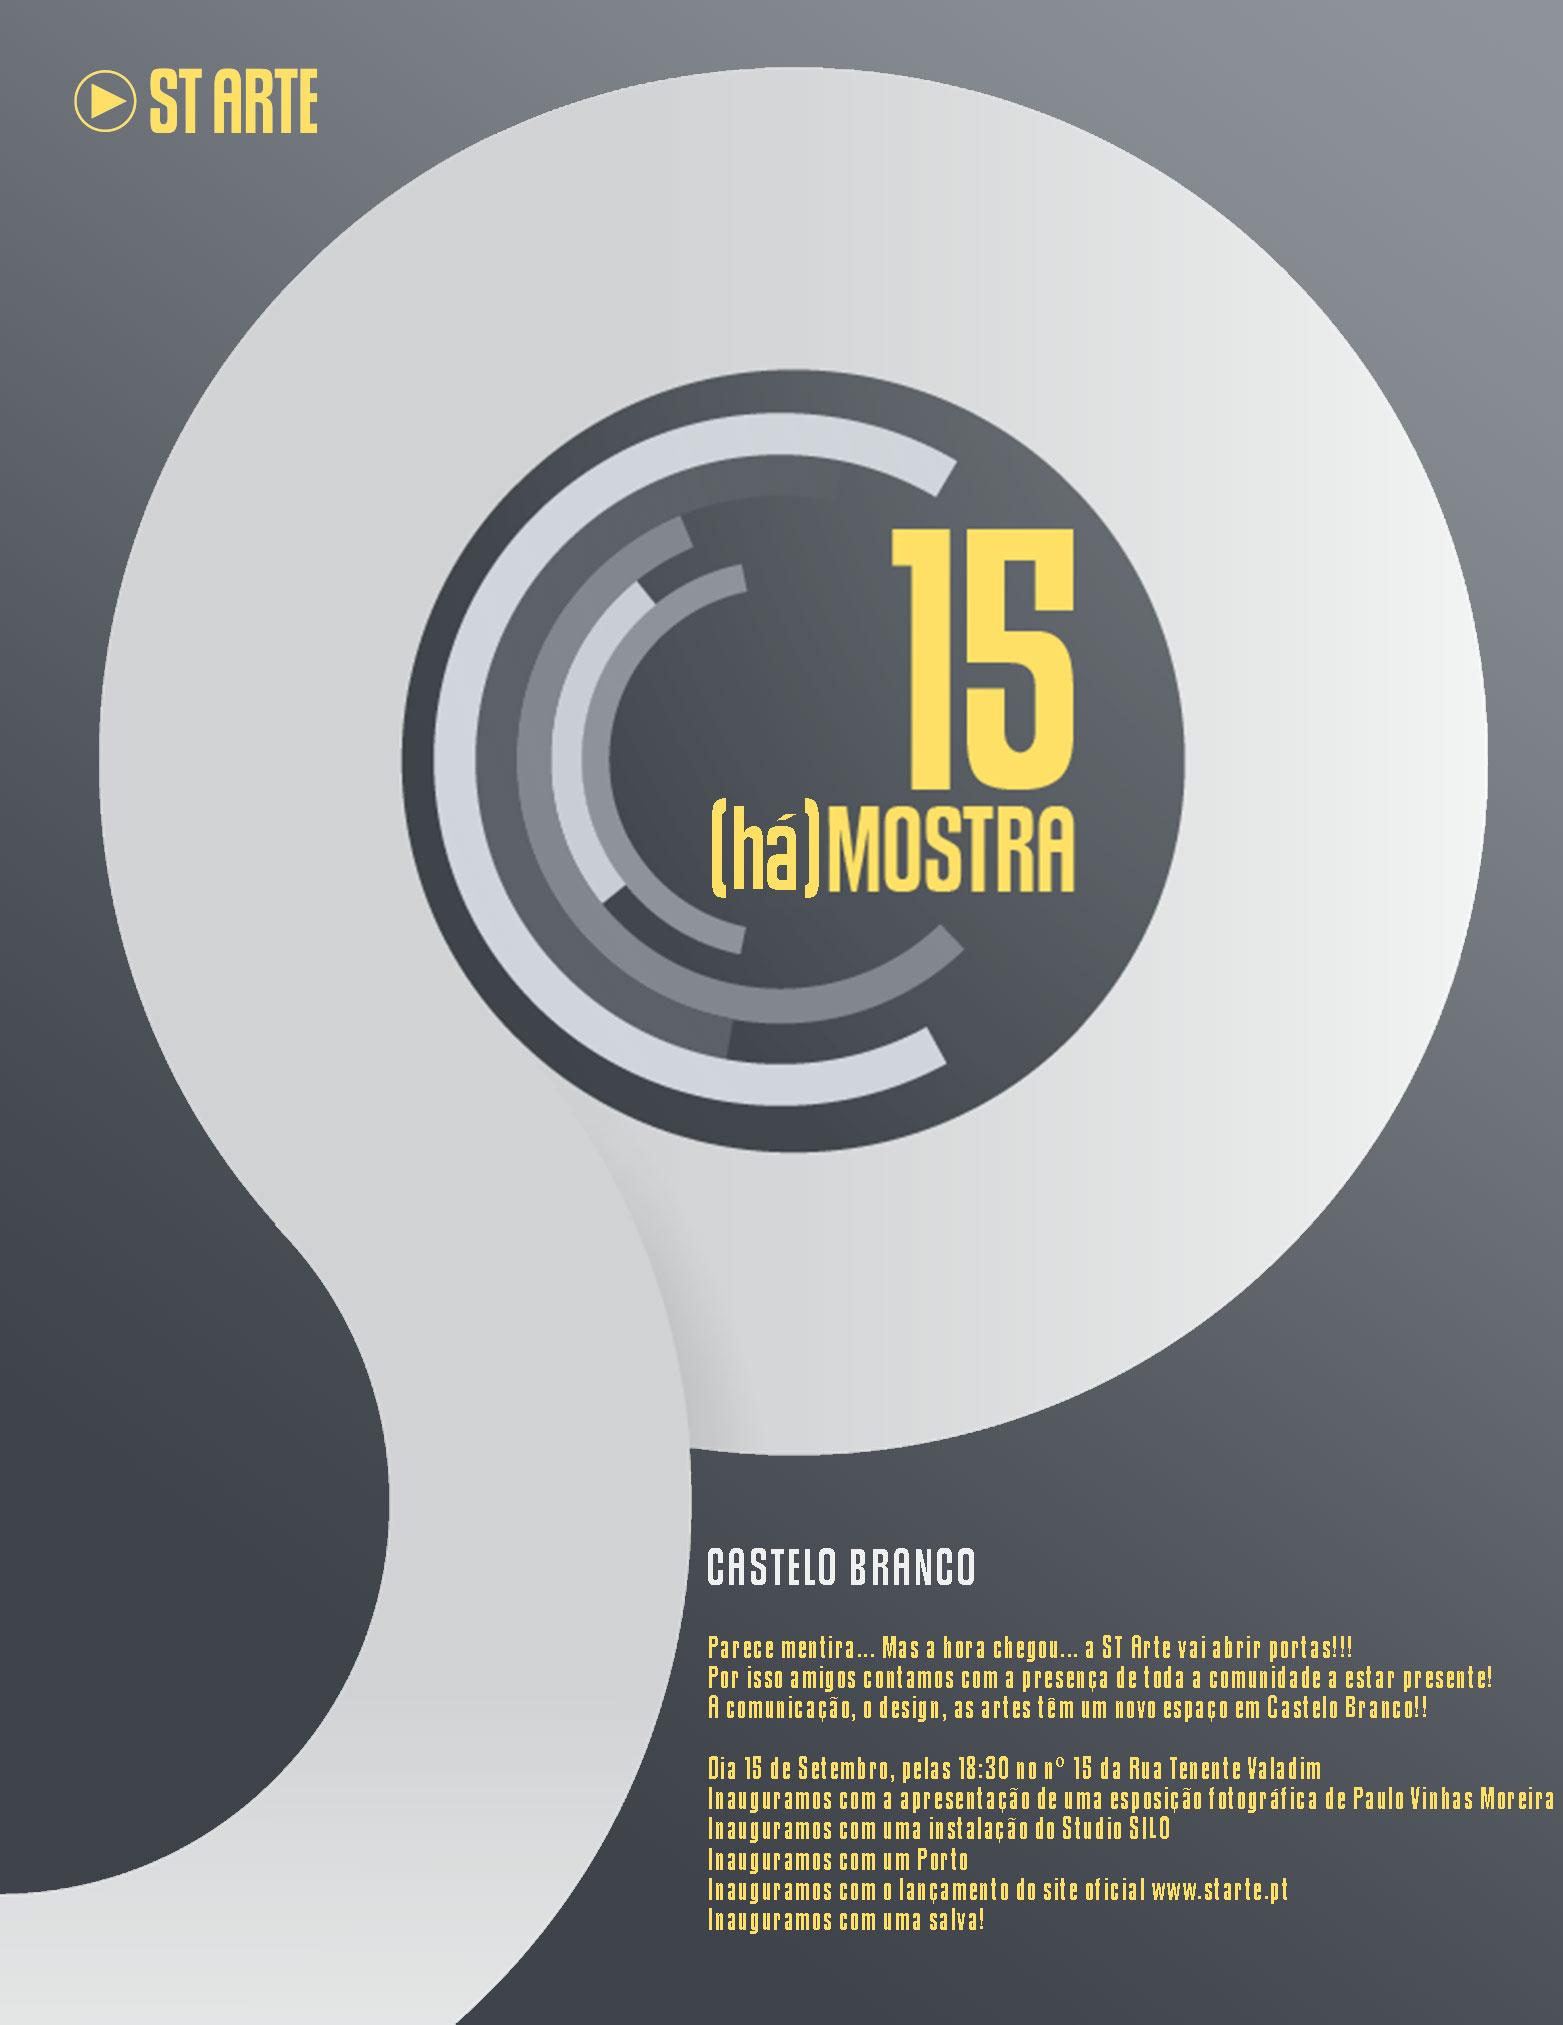 15hamostra-invite